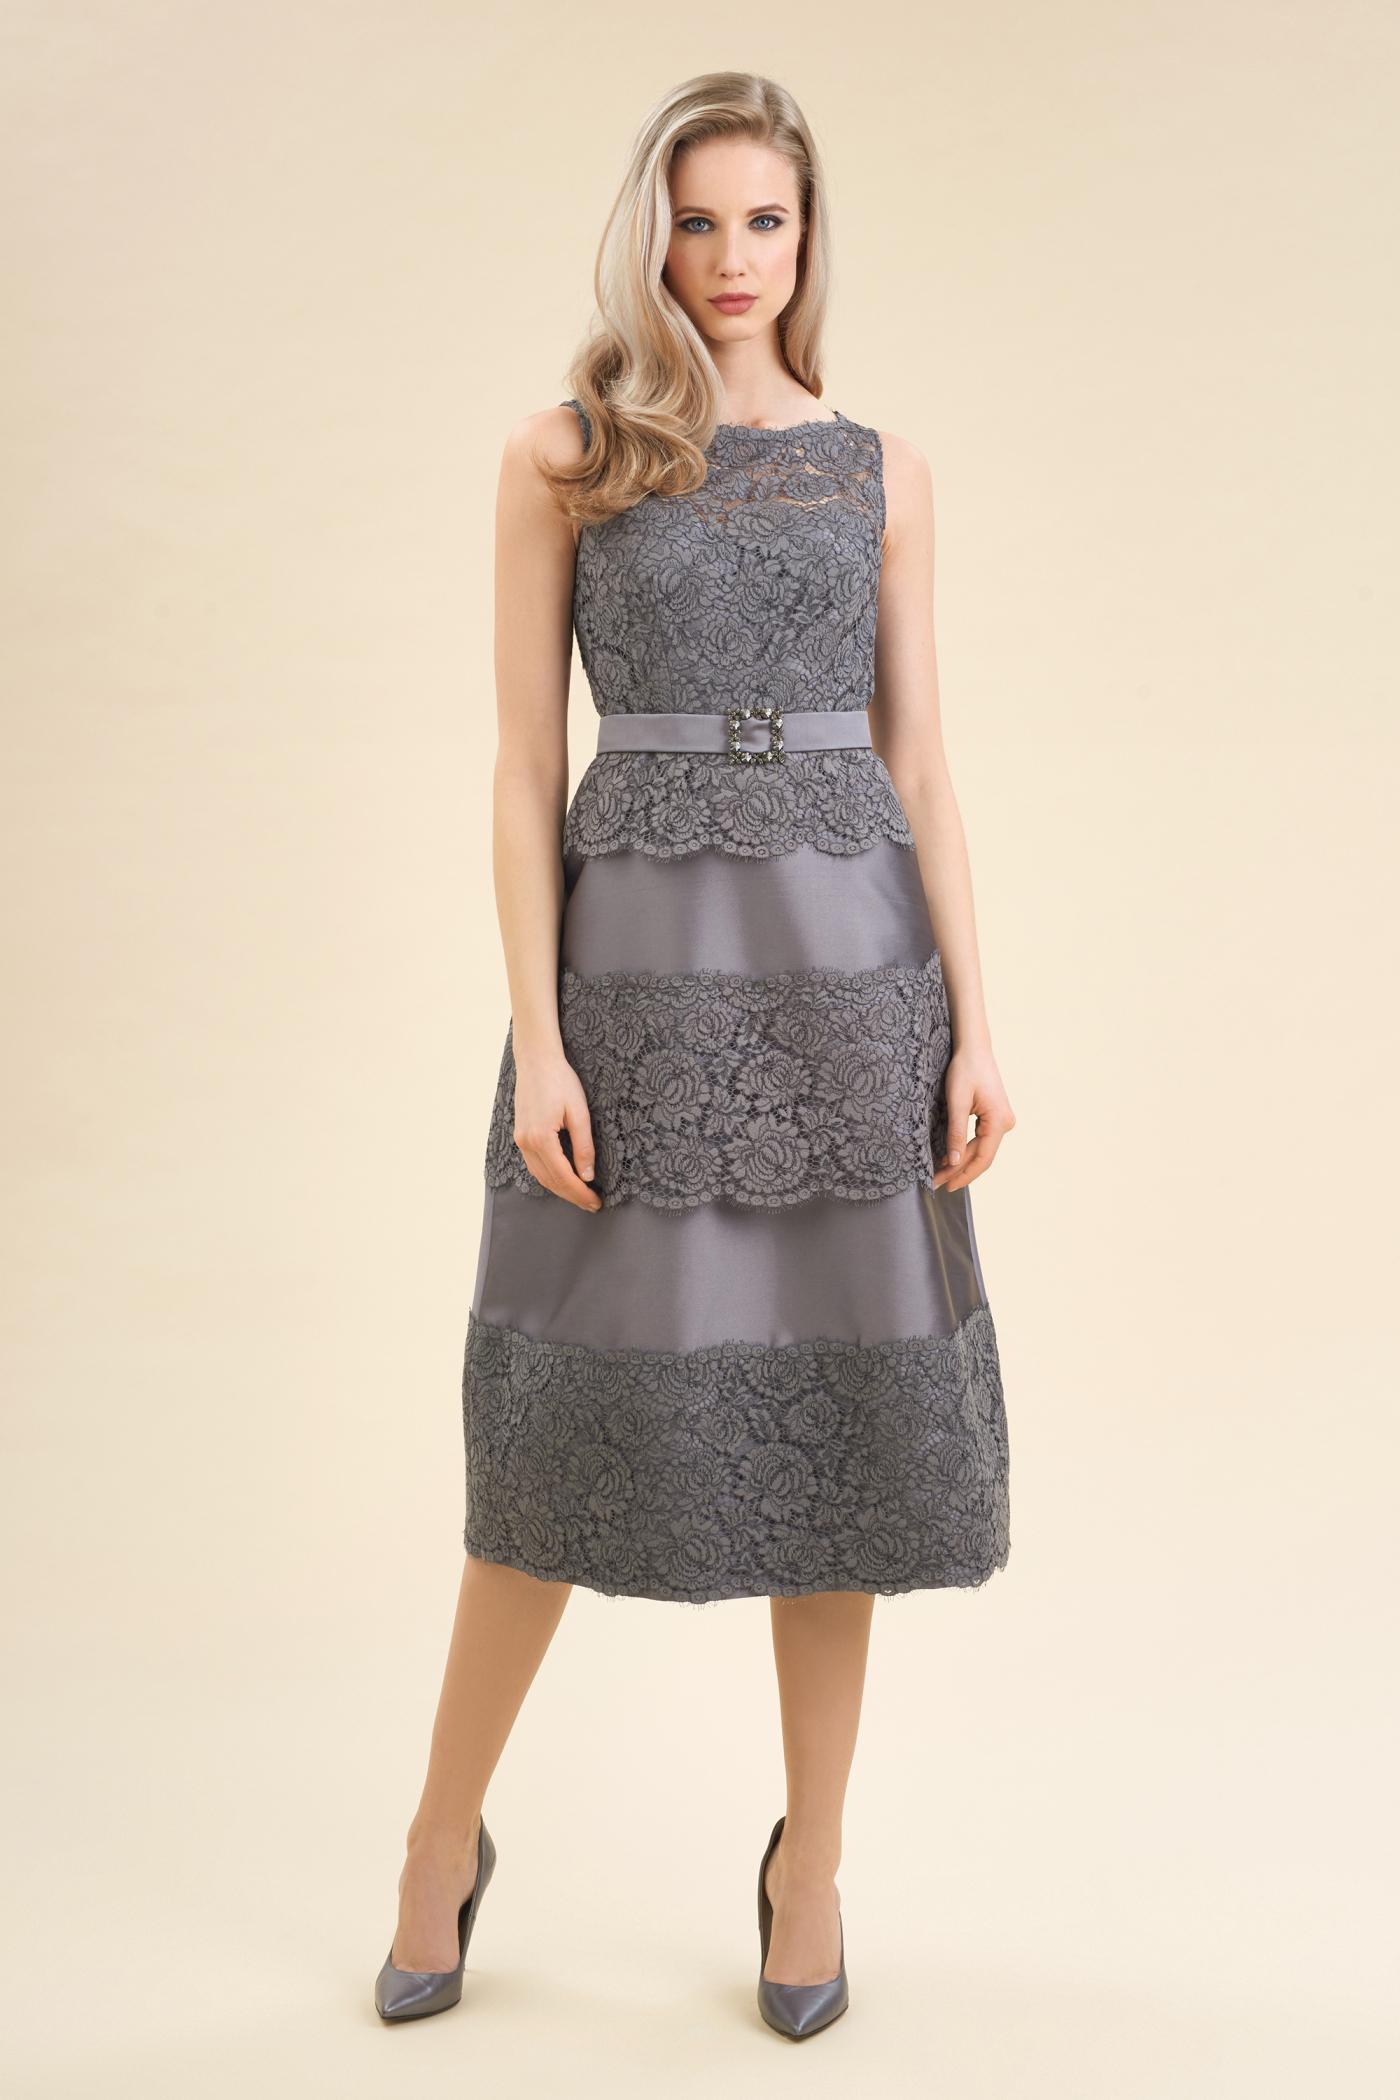 ... gli abiti da cerimonia dalla collezione 2018-2019. Vestito elegante da  sera Luisa Spagnoli in pizzo e mikado a 620 euro c62efa0c82c